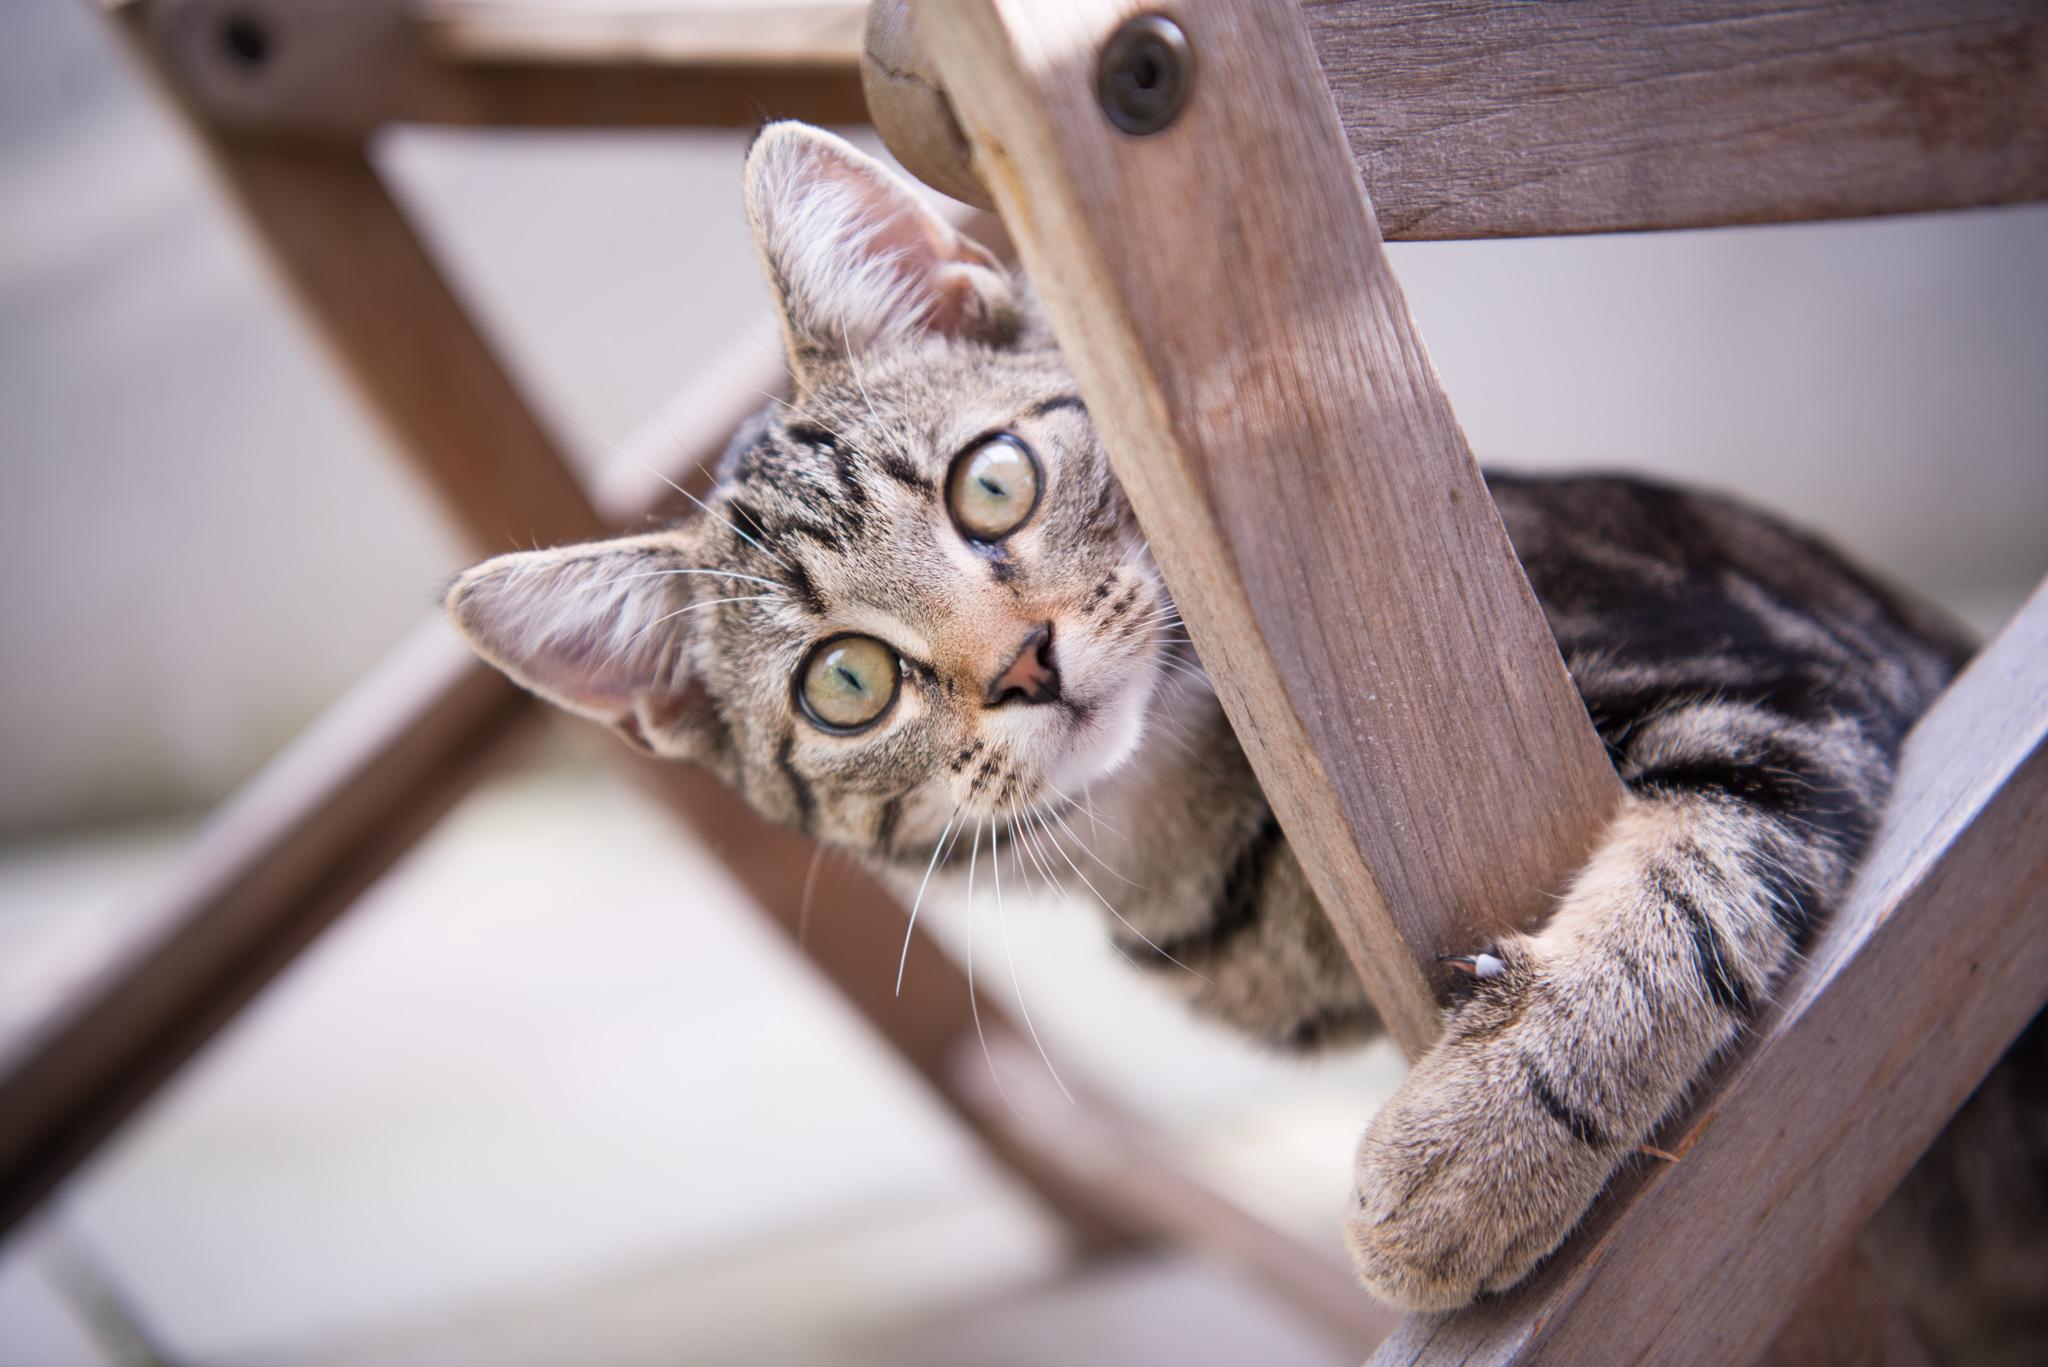 Huisdieren - Een fotoreportage samen met je huisdier? Yes, please! Als grote dierenvriend leer ik graag jou en je viervoeter beter kennen.VANAF €100 VOOR 1U FOTOGRAFIE